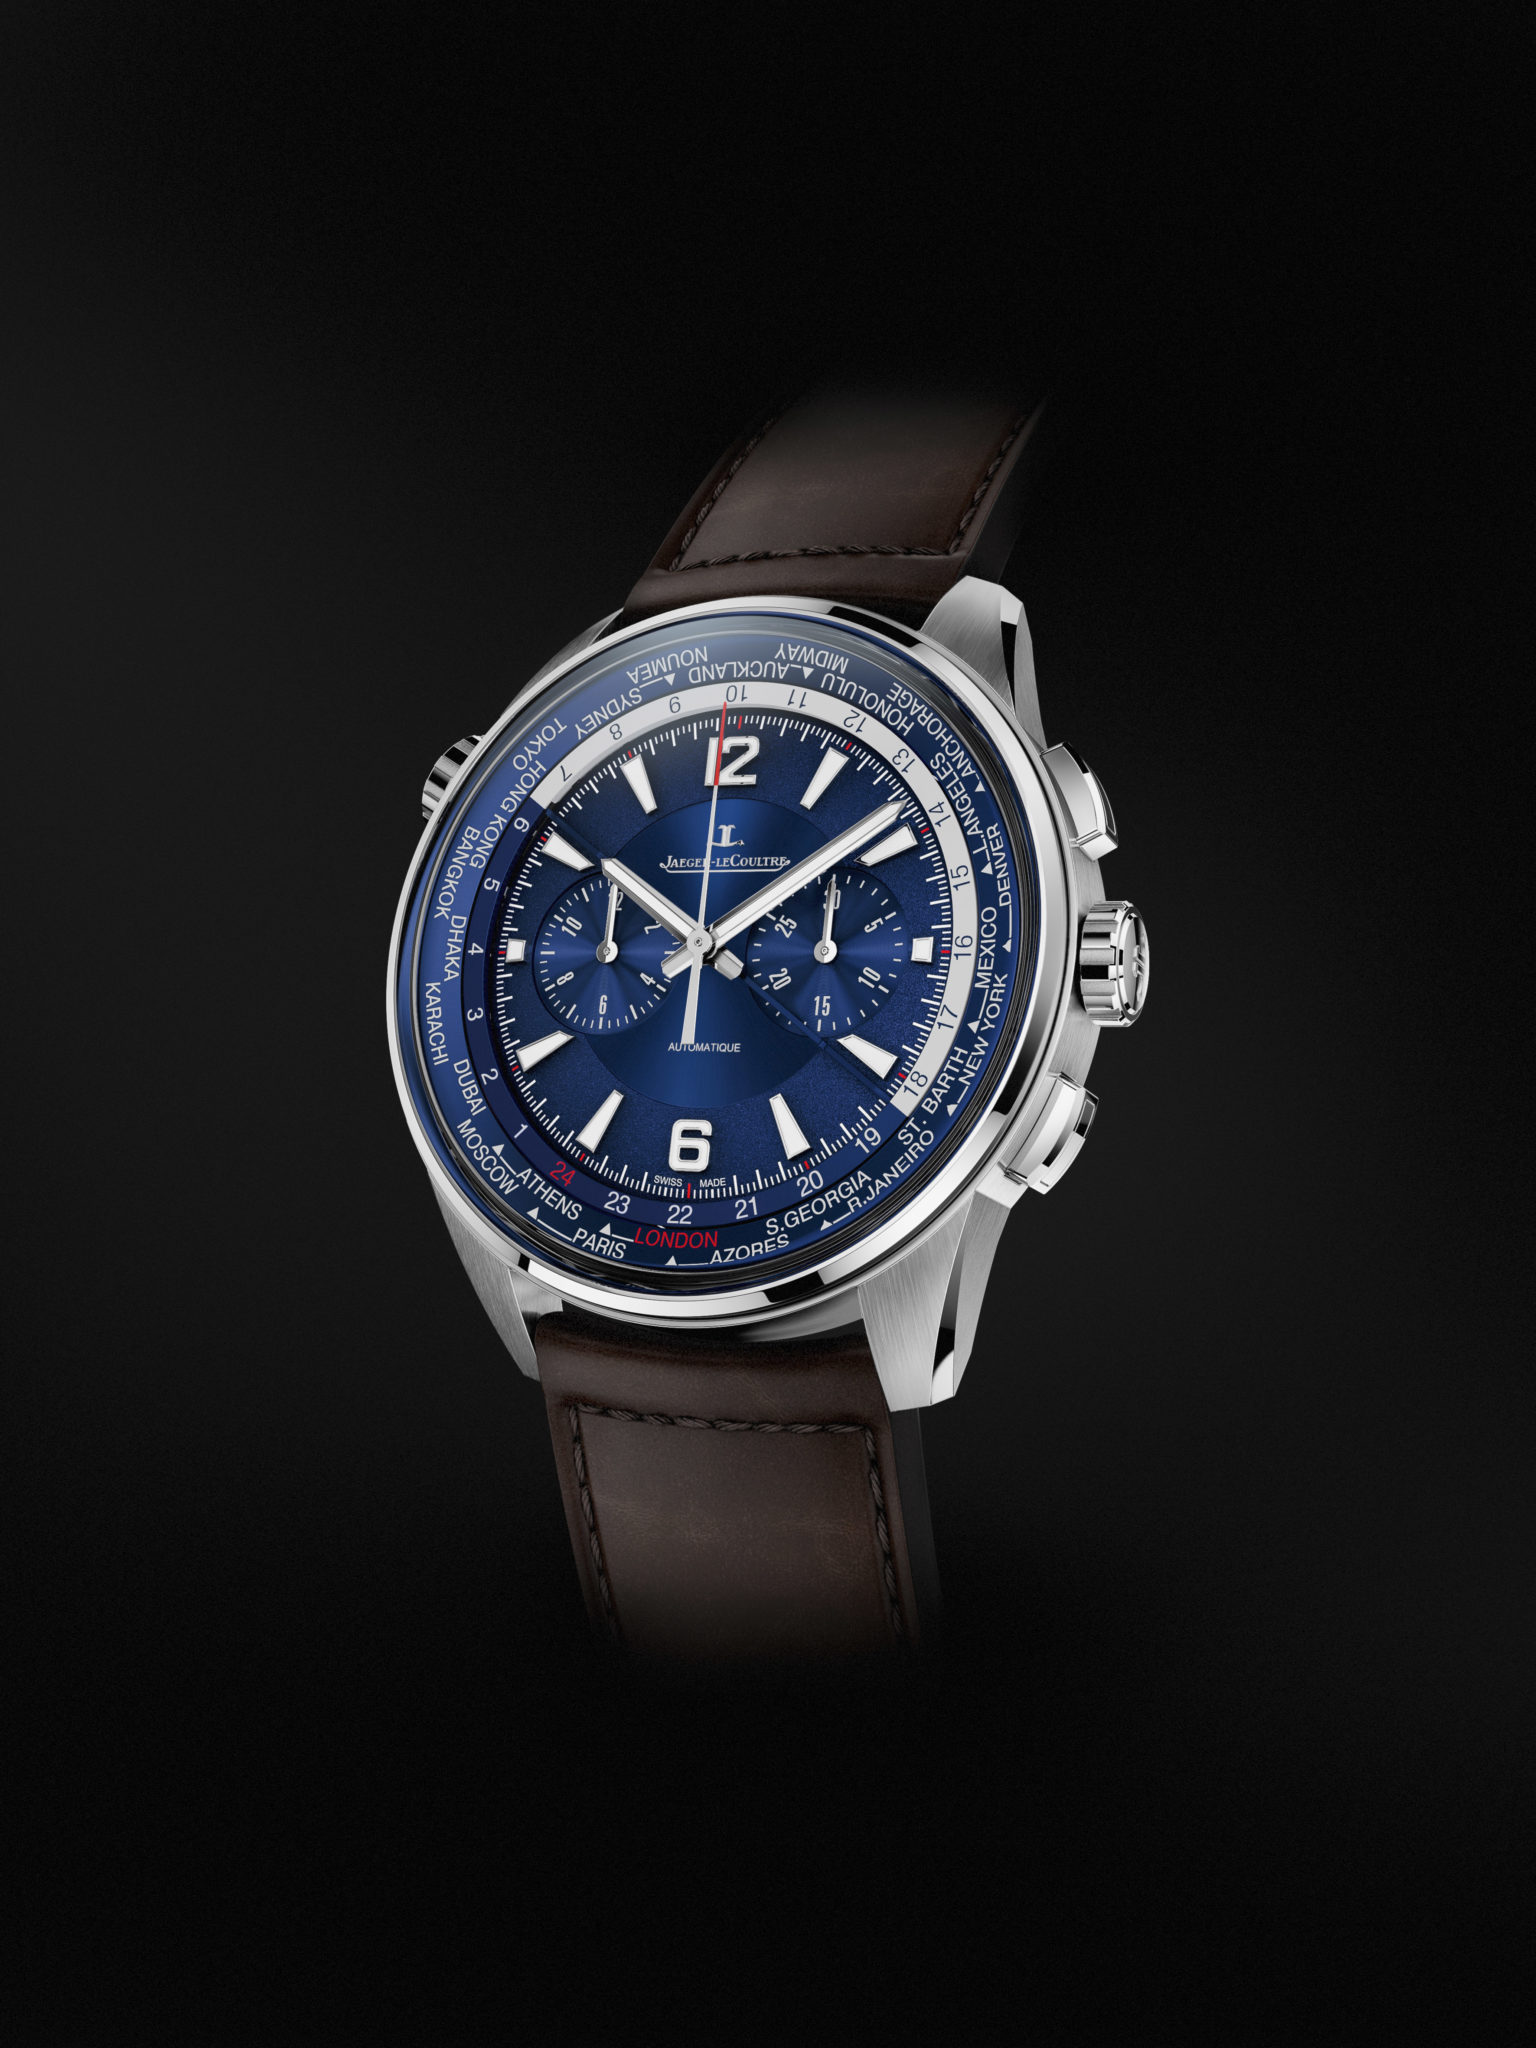 Jaeger-LeCoultre Polaris_Chronograph WT_blue